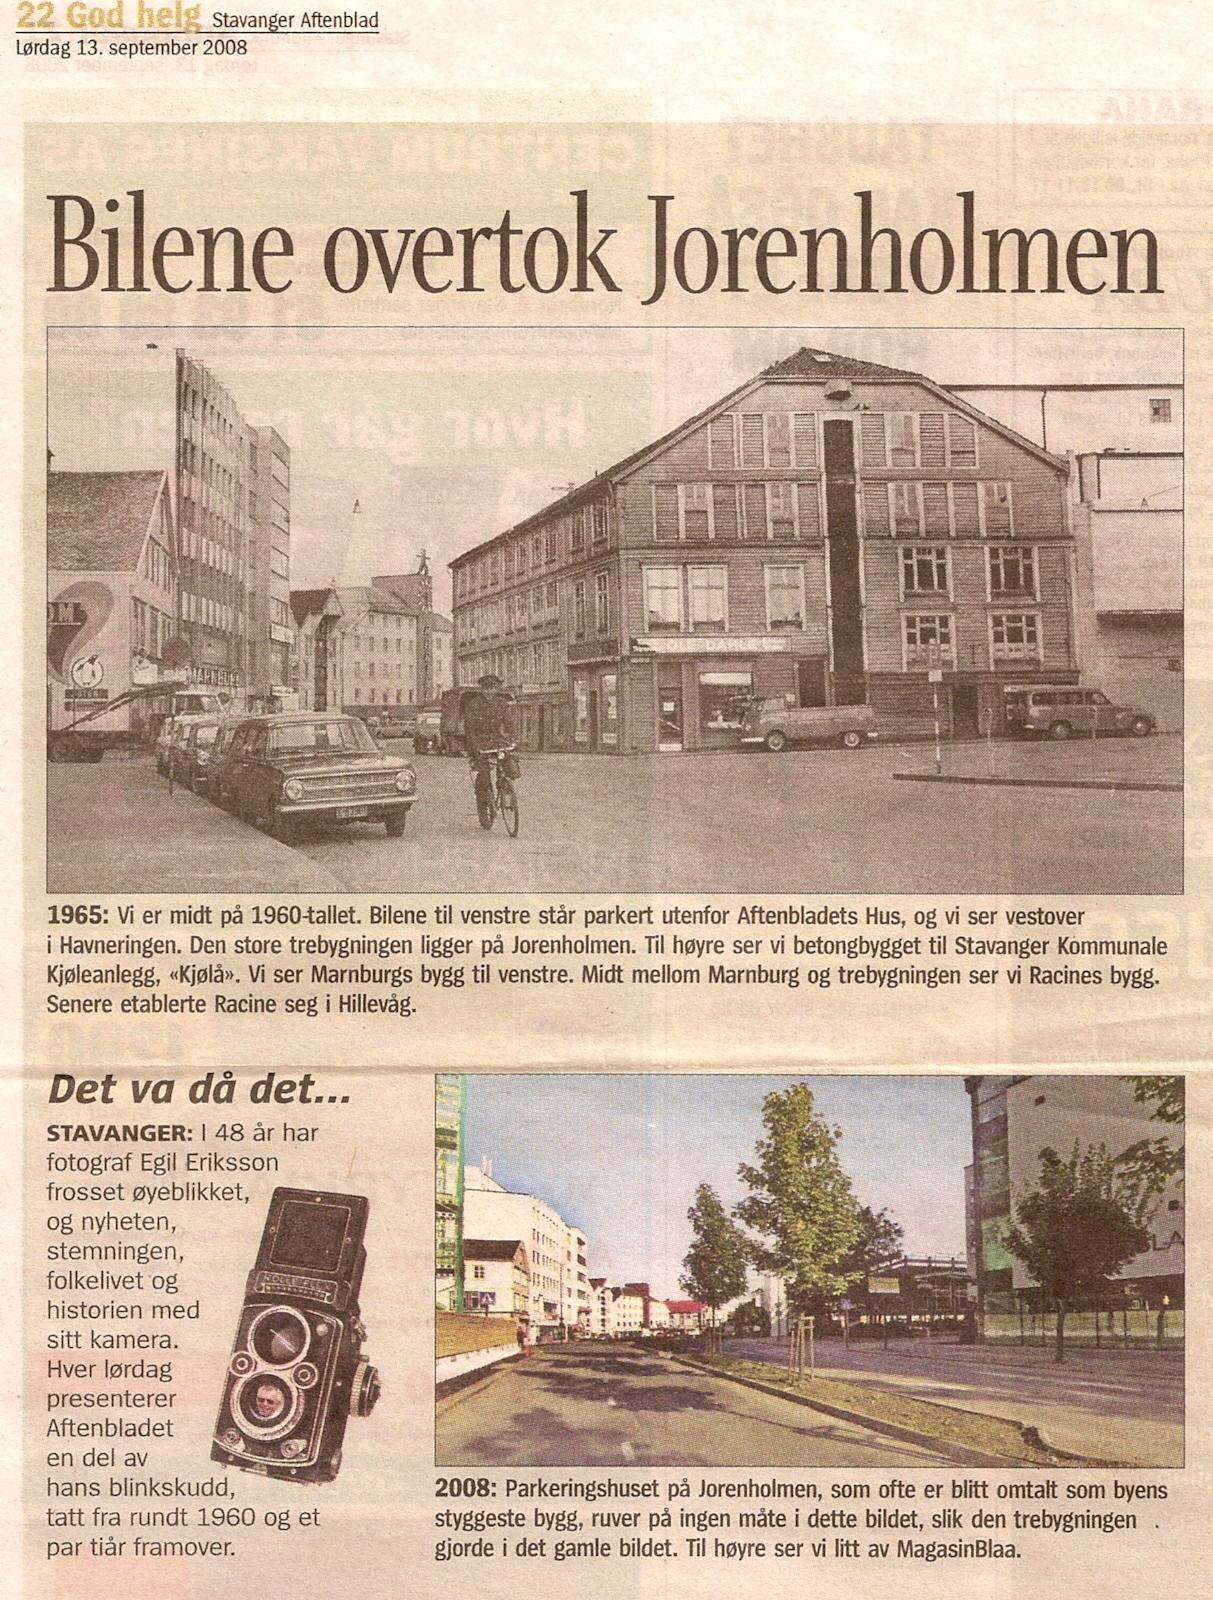 Jorenholmen